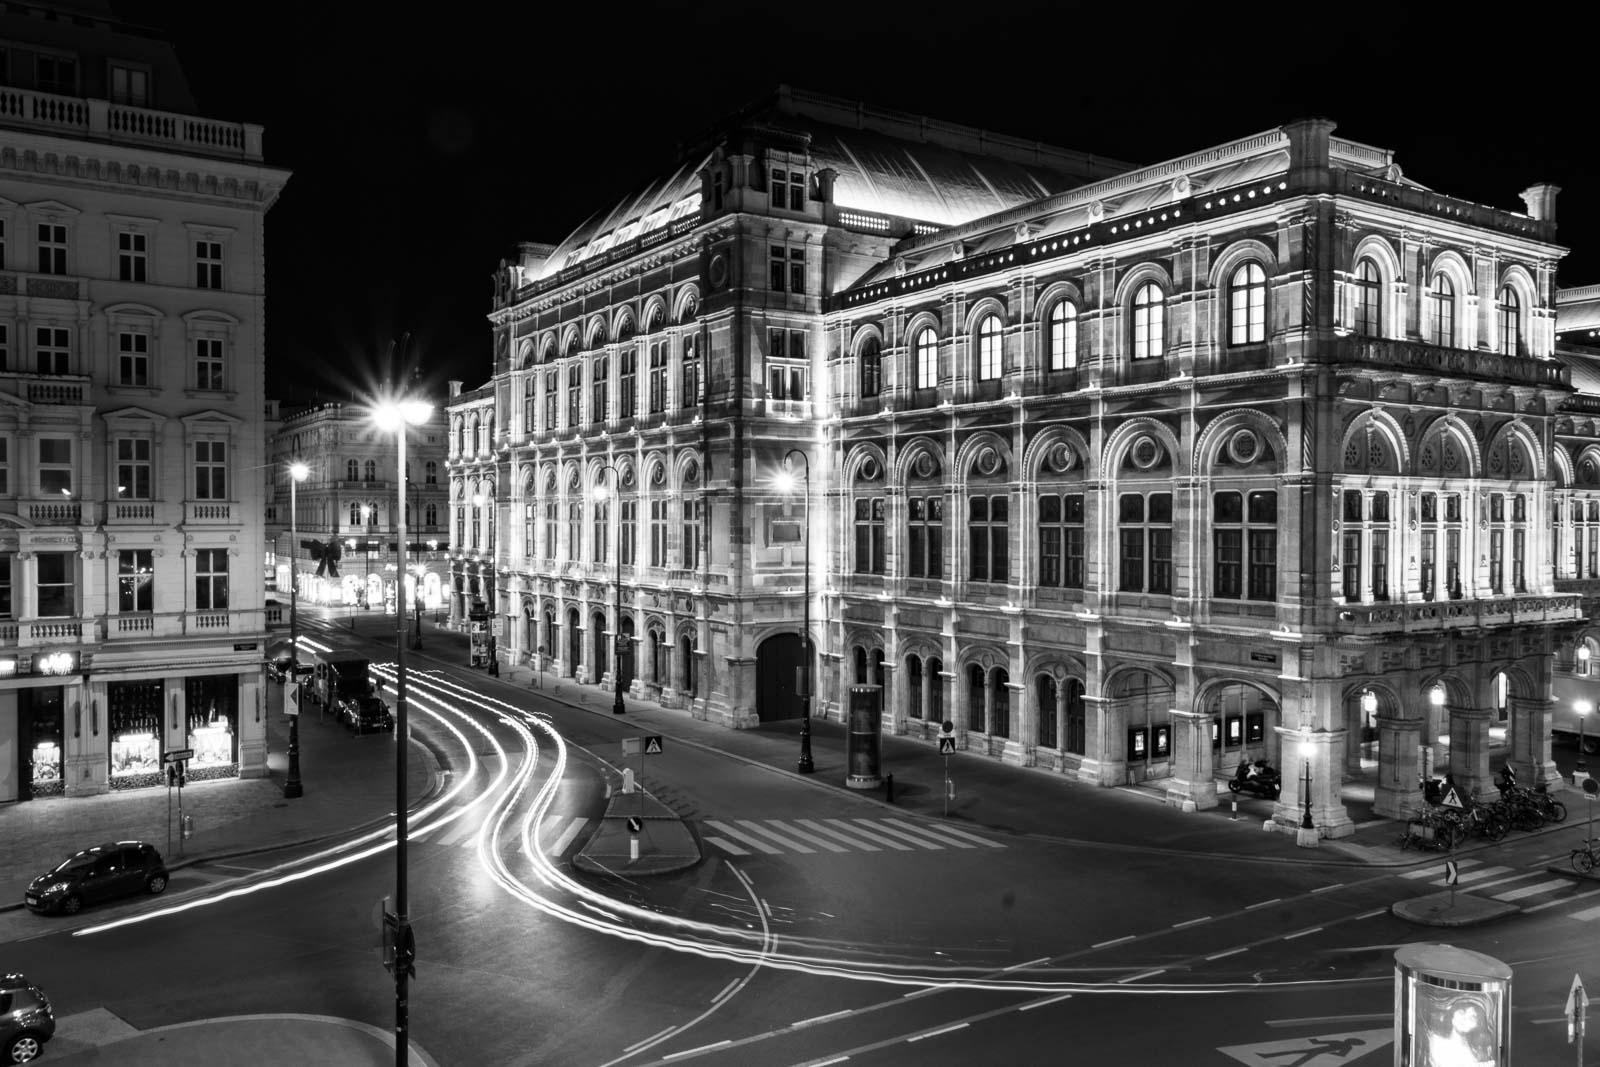 State Opera, Vienna – Austria